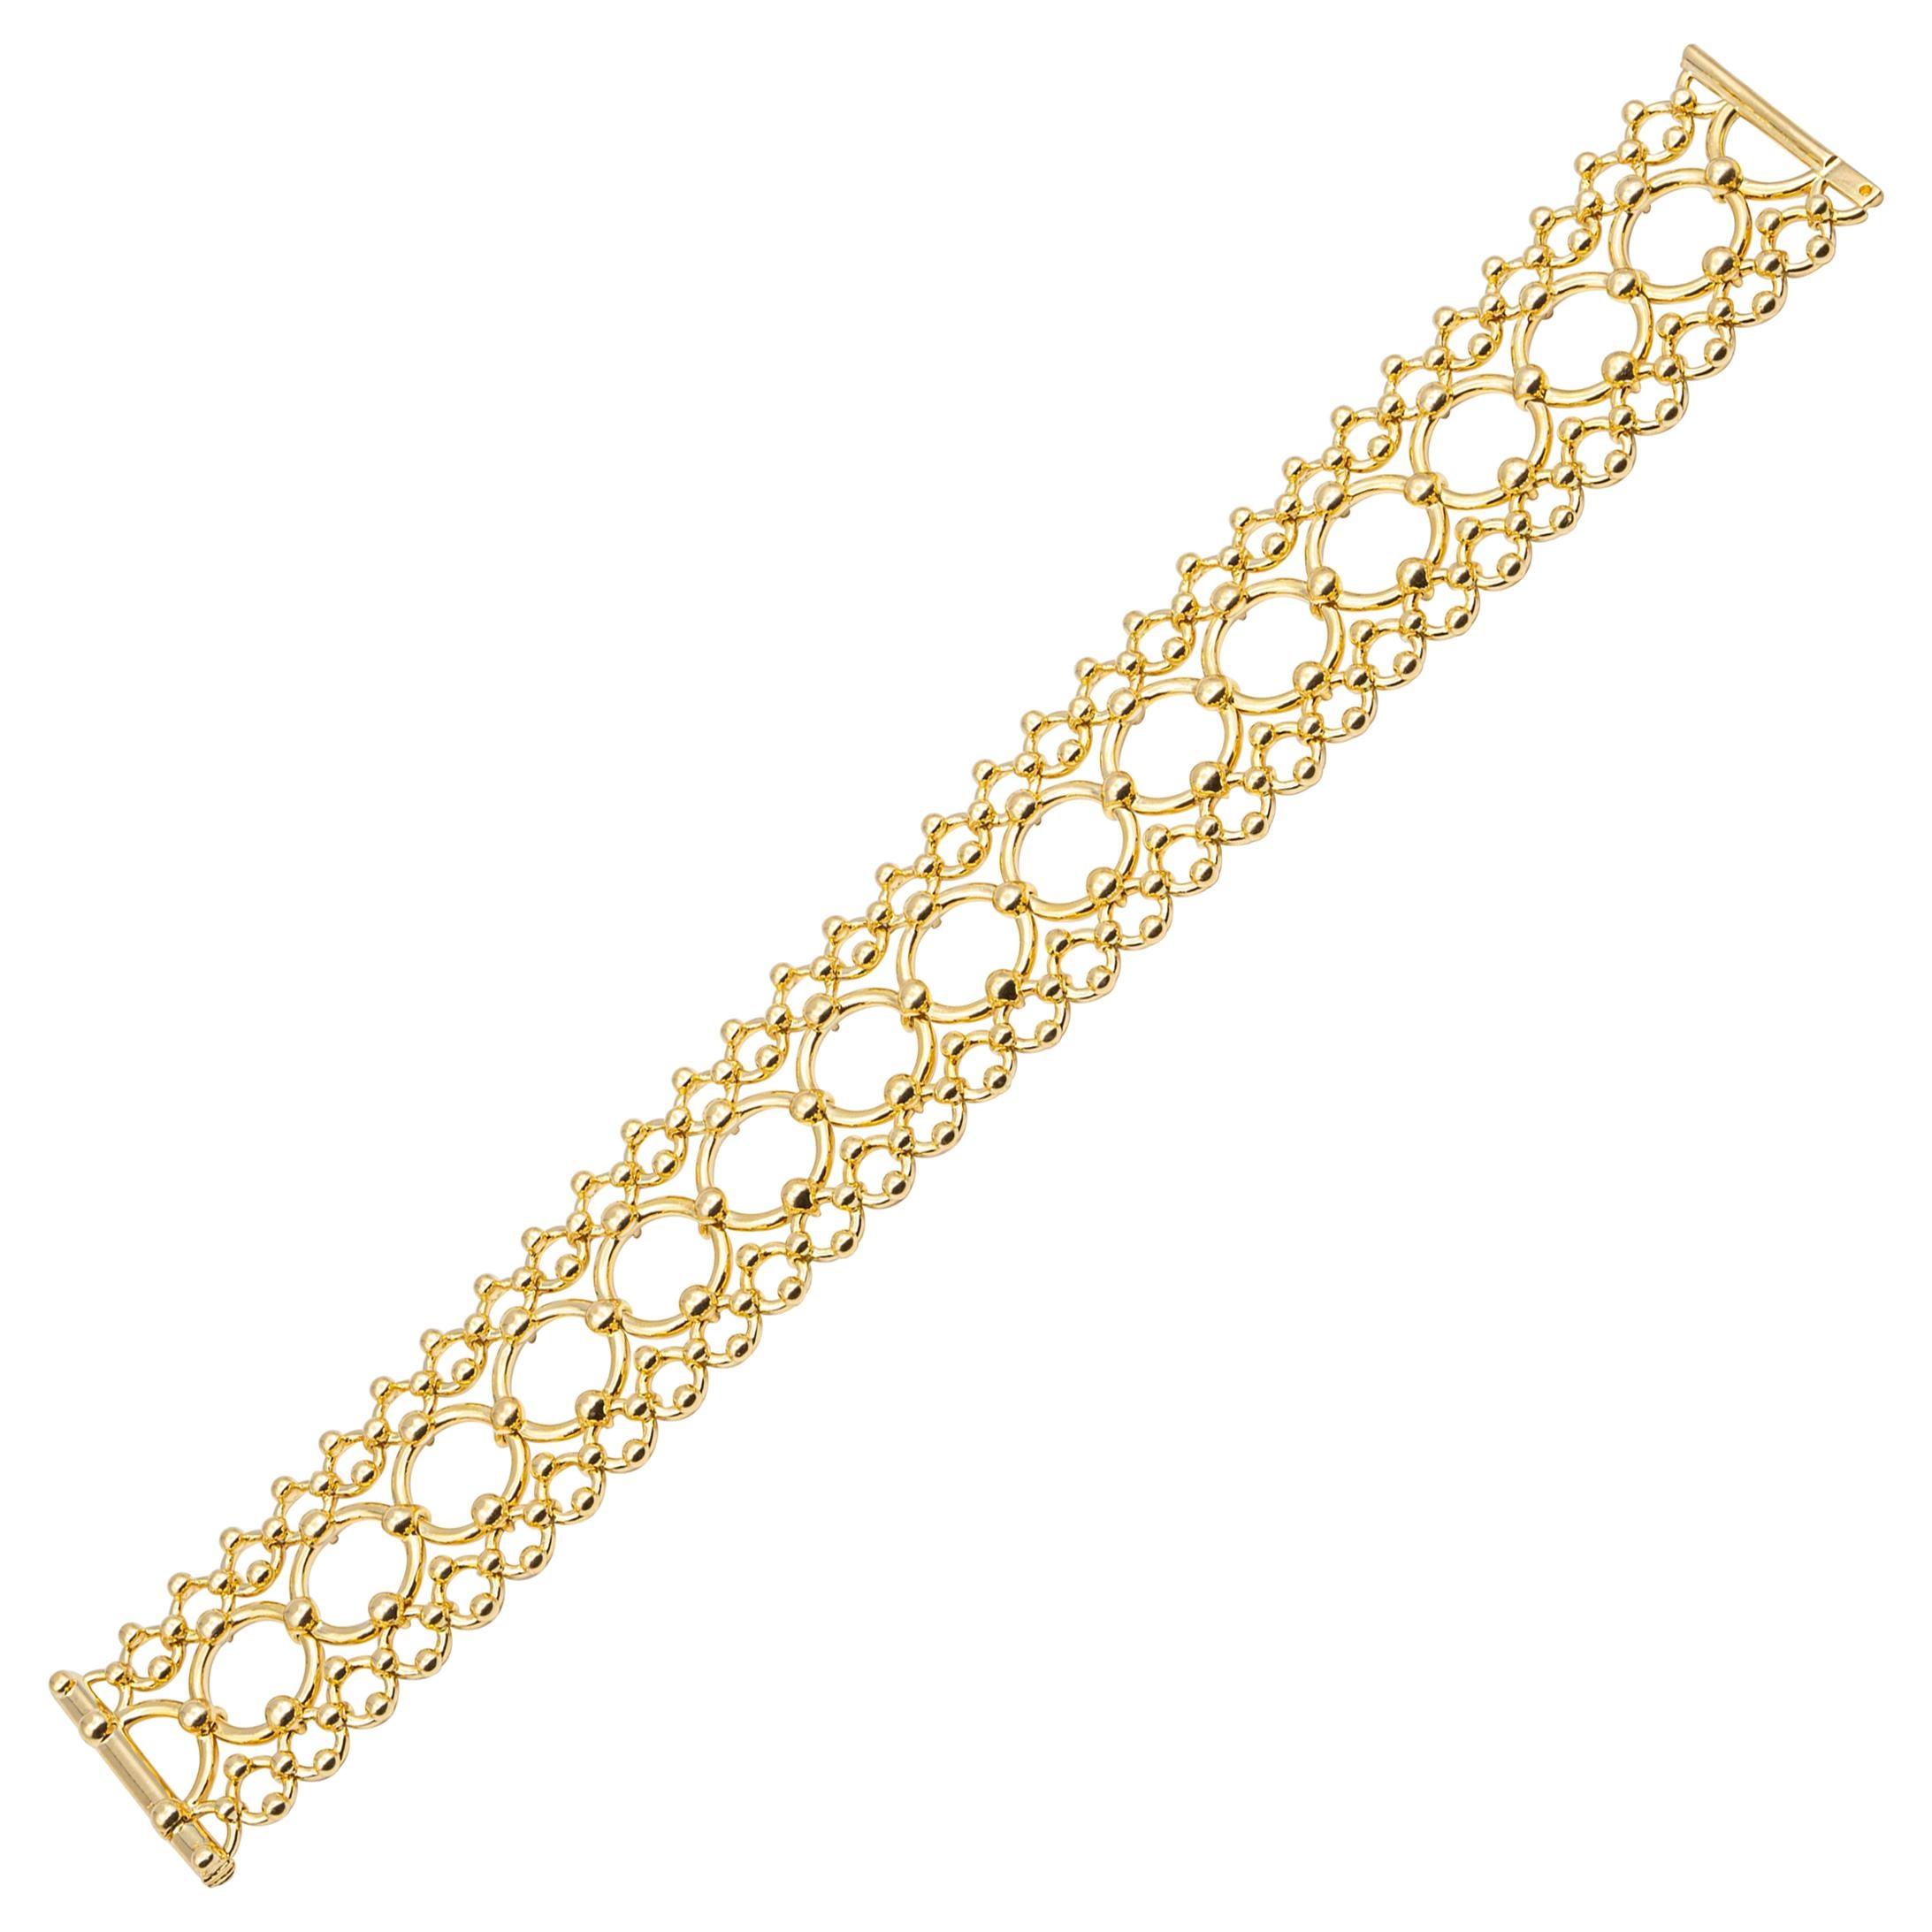 Tiffany & Co. Open Scroll Link Wide Bracelet Heavyweight 18K Yellow Gold